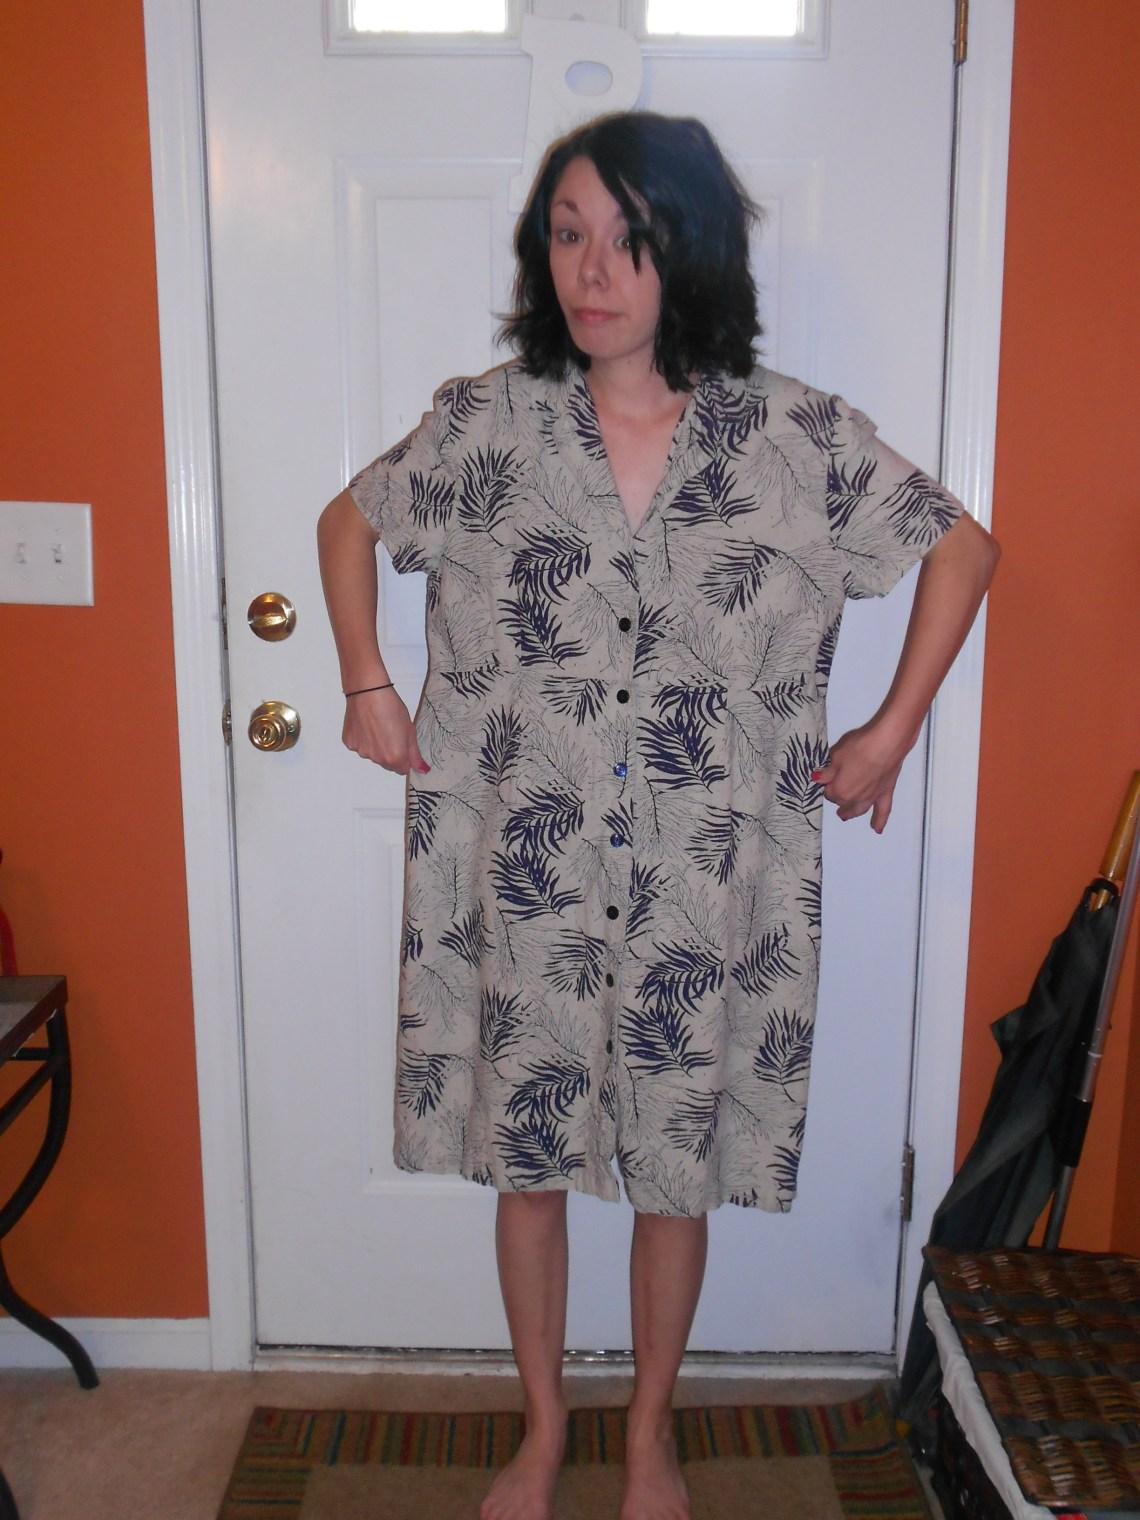 Day 274: Deco Dress 1